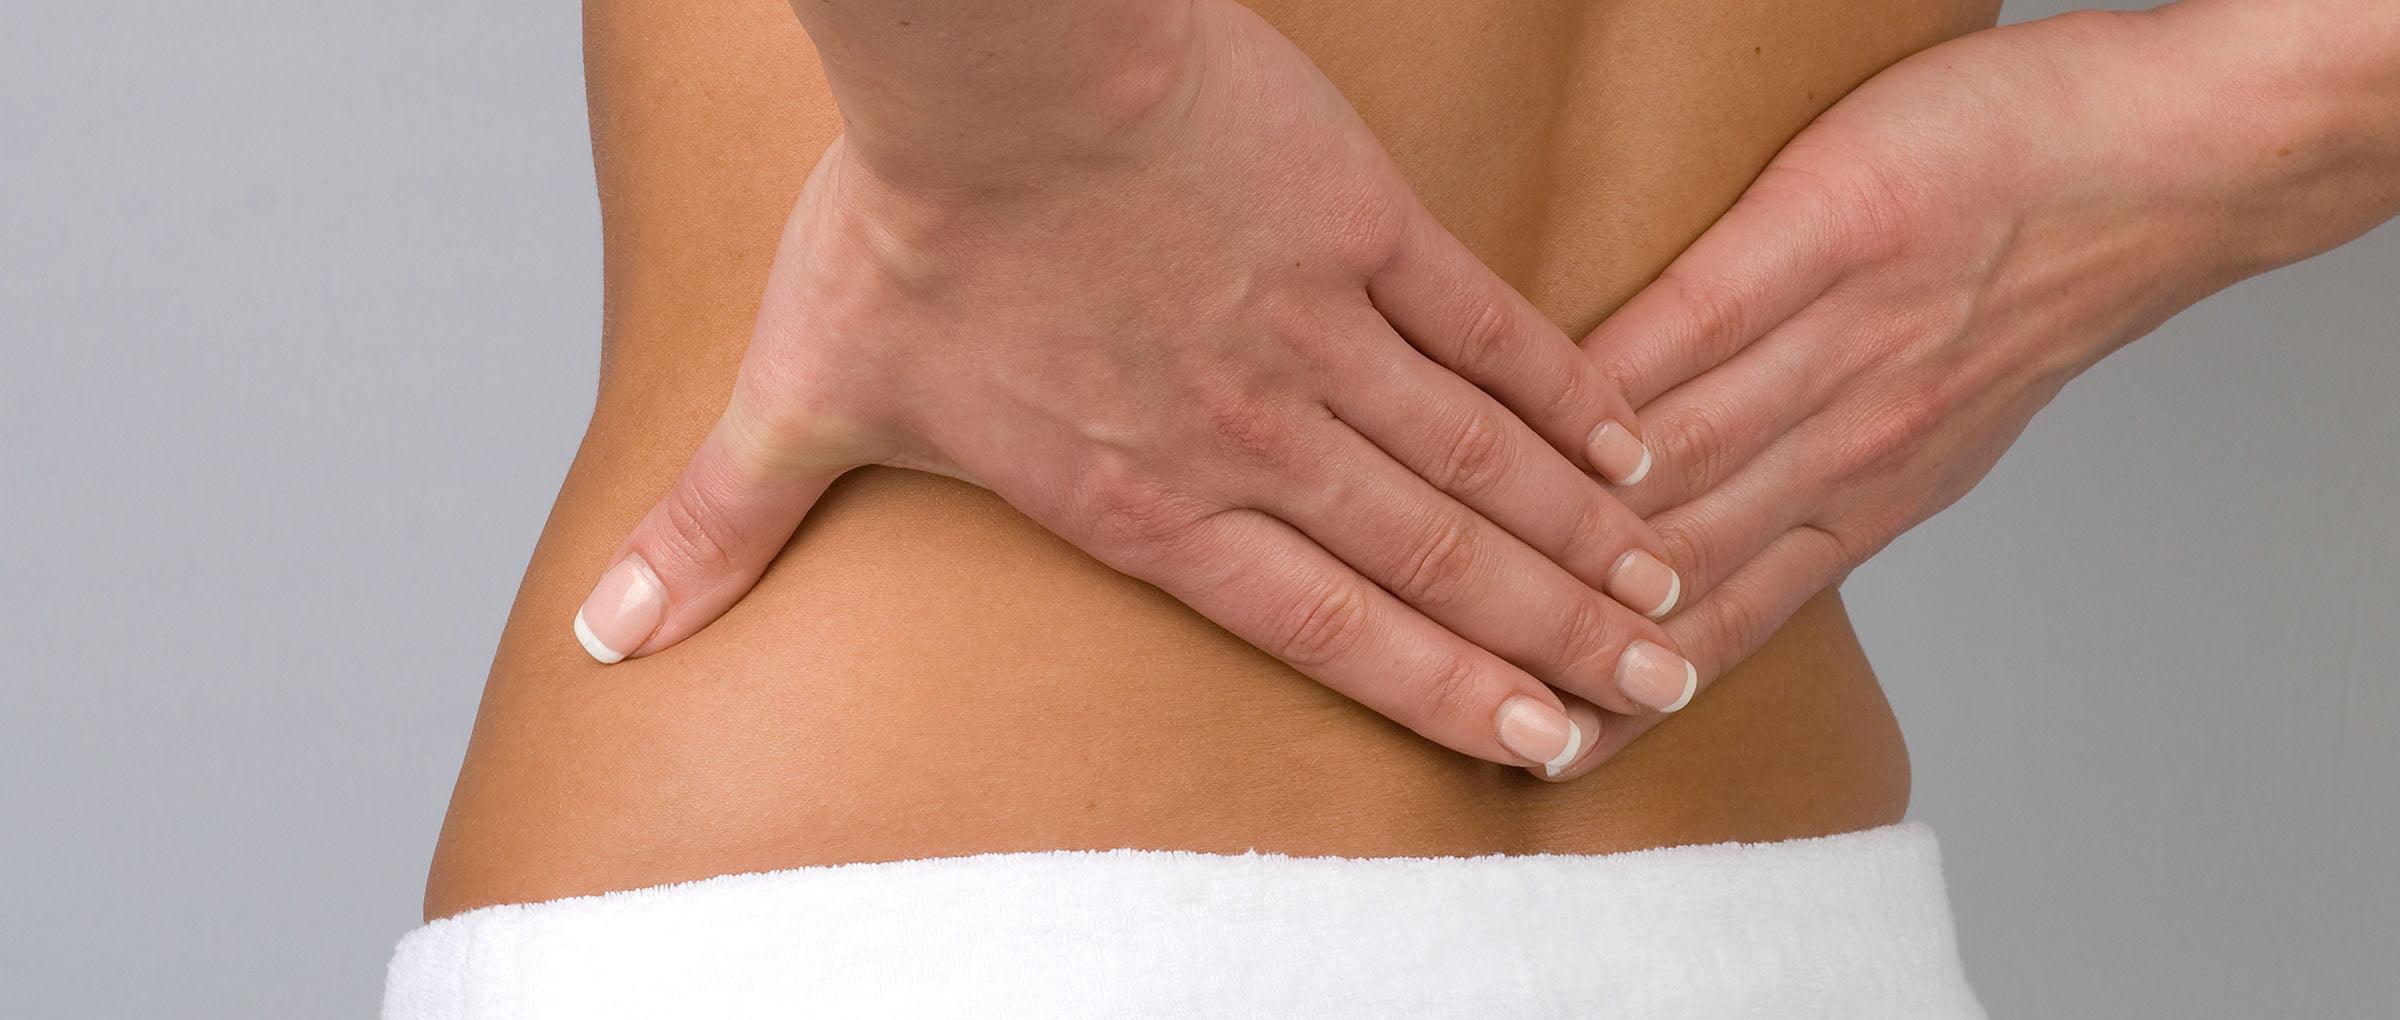 What Causes Implantation Cramping?